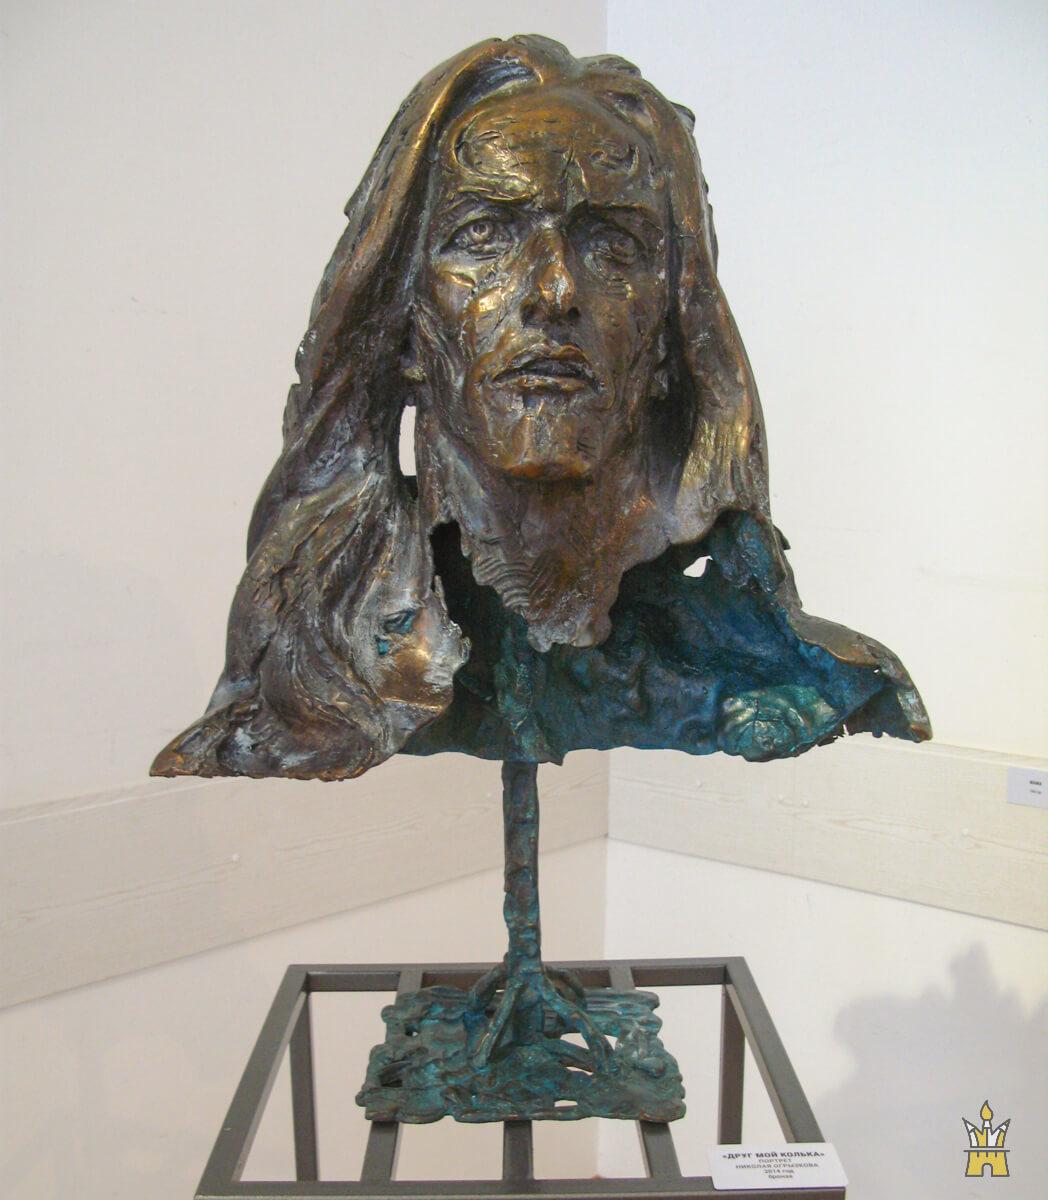 Друг мой Колька (Портрет Николая Огрызкова), 2014